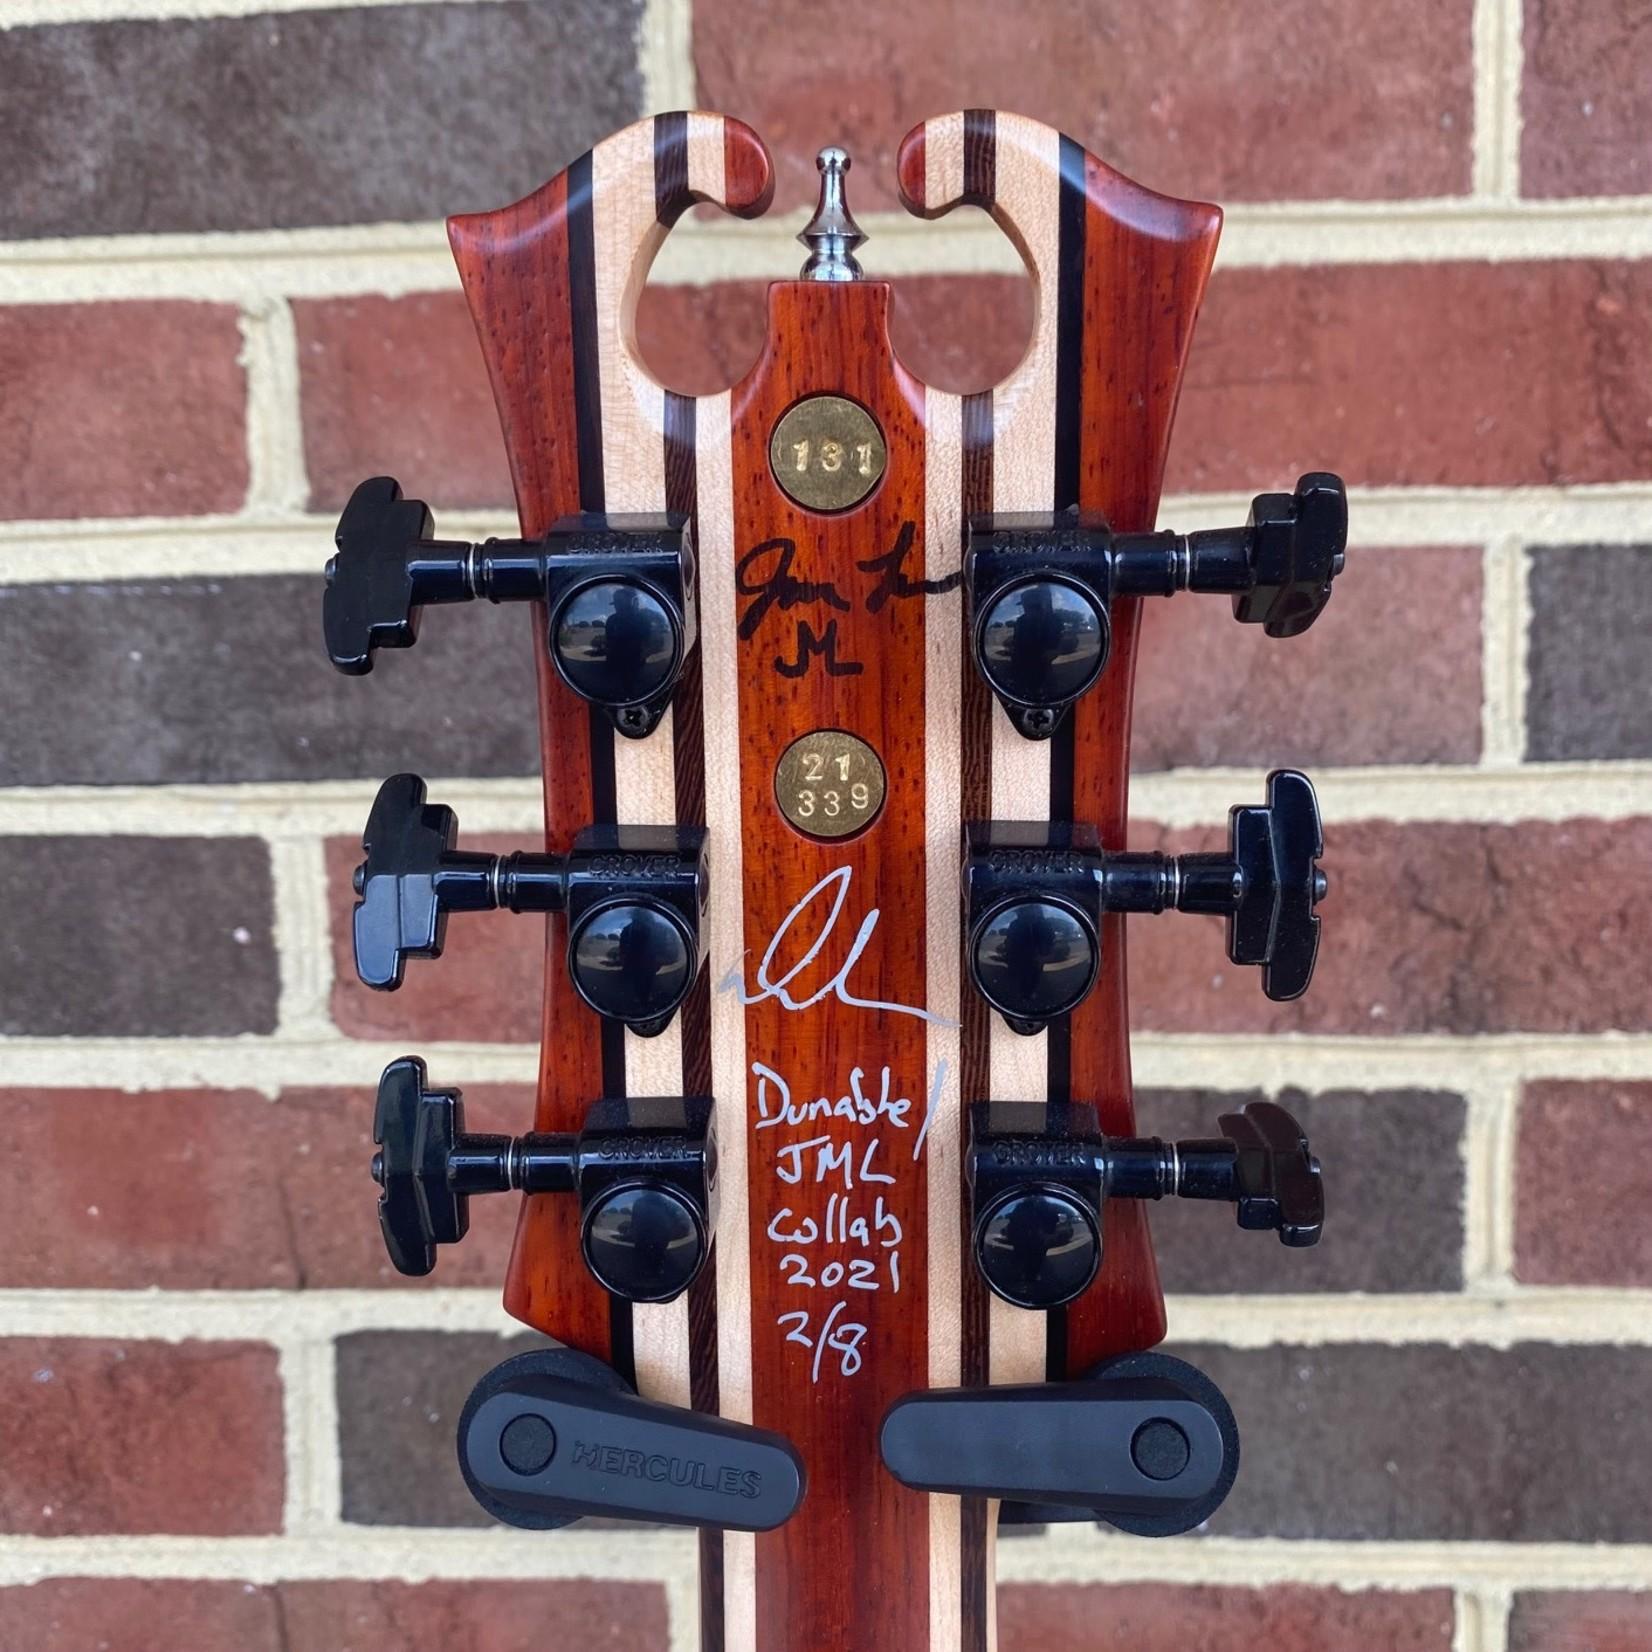 Dunable Guitars Dunable/JML Asteroid, Neck-Thru, Padauk Body, 9pc Padauk/Maple/Wenge/Ebony Neck, Ebony Fretboard, Baphomet Pickups, JML Hardshell Case